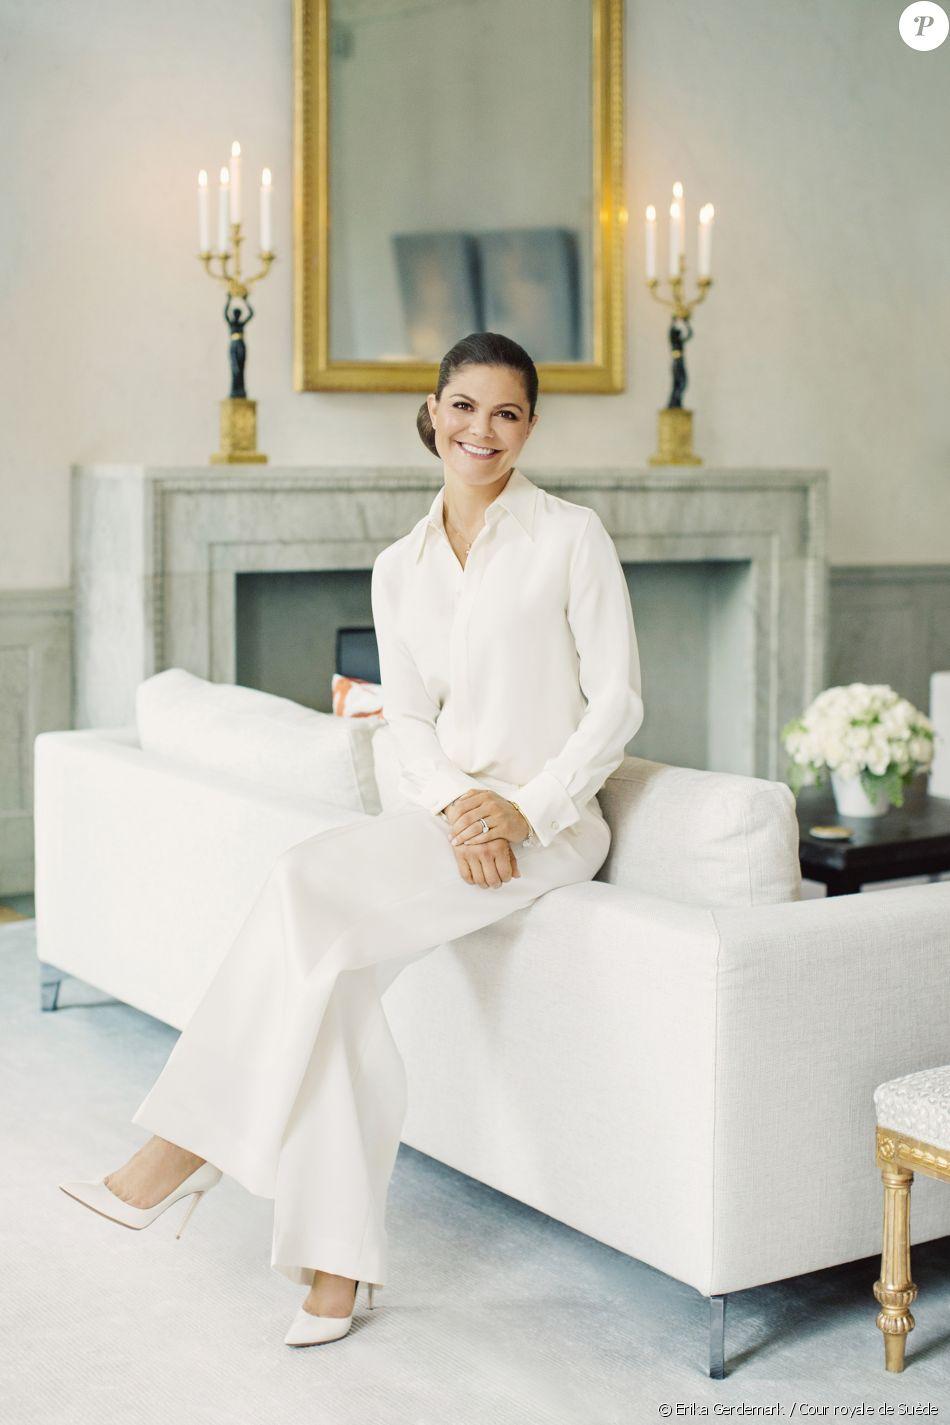 princesse victoria en avance sur son 40e anniversaire des photos lumineuses. Black Bedroom Furniture Sets. Home Design Ideas